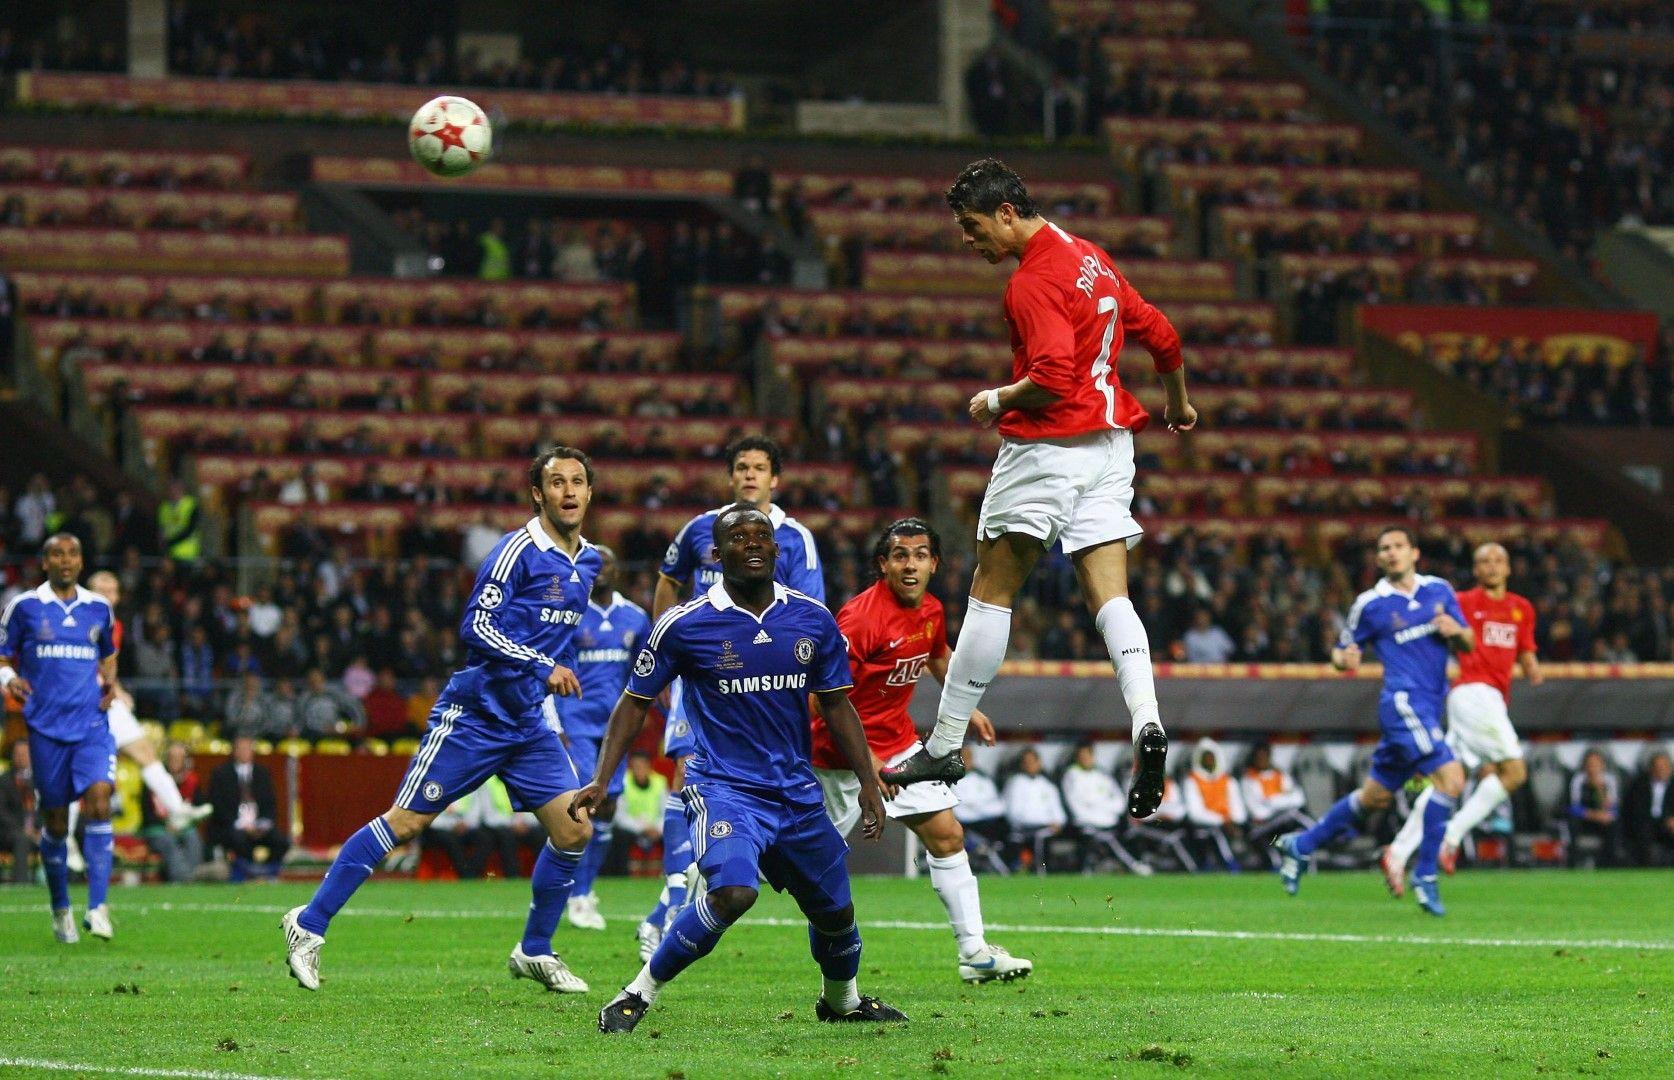 Кристиано Роналдо се извисява над защитата на Челси, за да вкара за 1:0 във финала на Шампионска лига през 2008-а